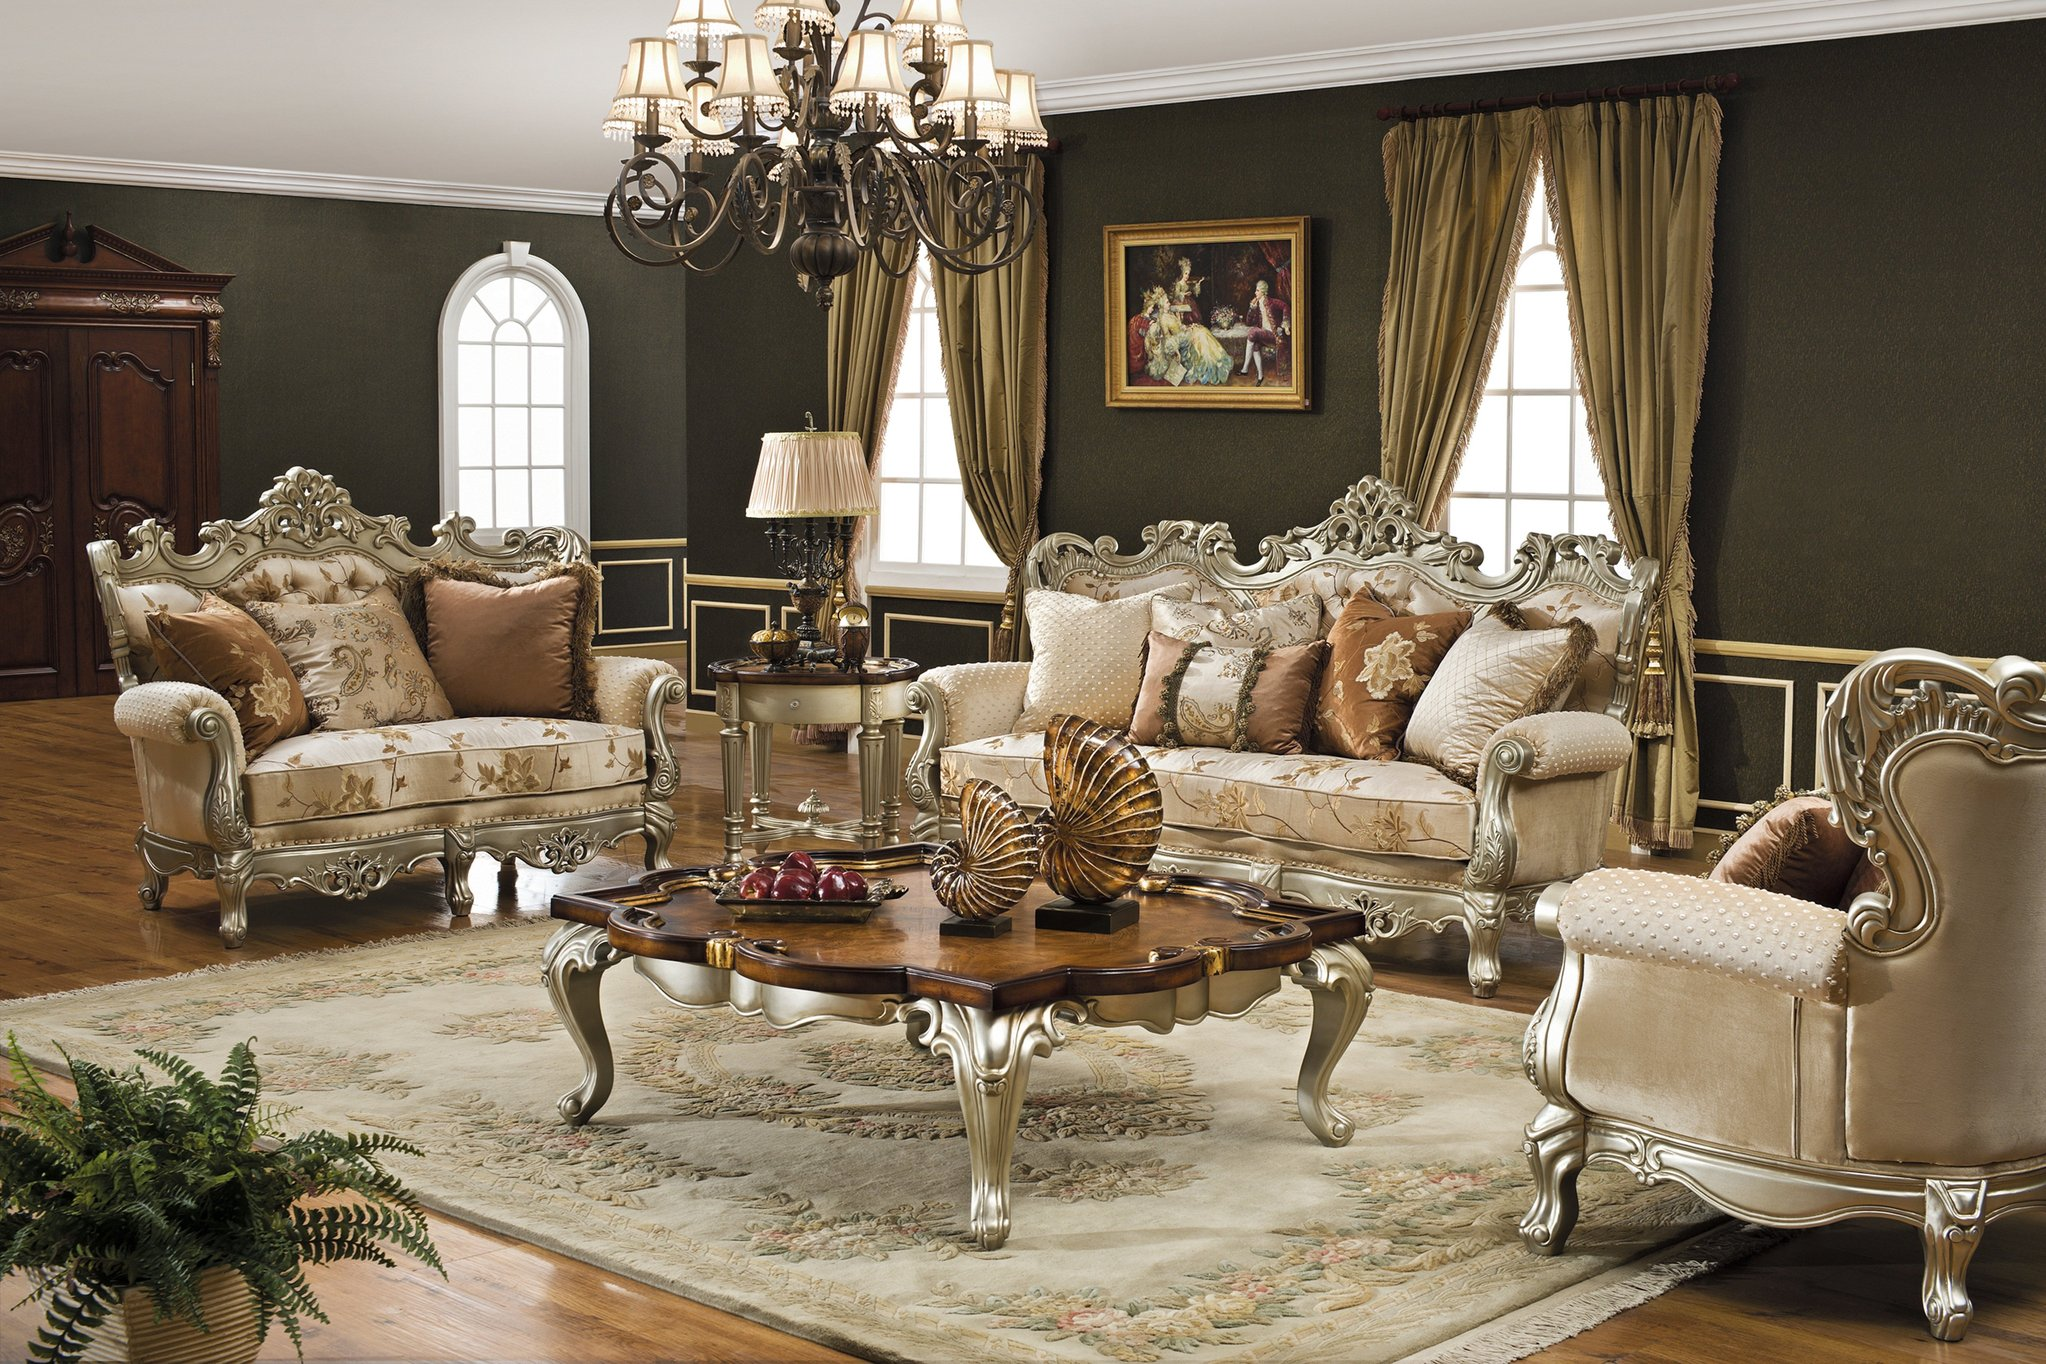 View In Gallery Gabungan Idea Moden Dan Klasik Dalam Reka Bentuk Ruang Tamu Dengan Sofa Kayu Mewah Diukir